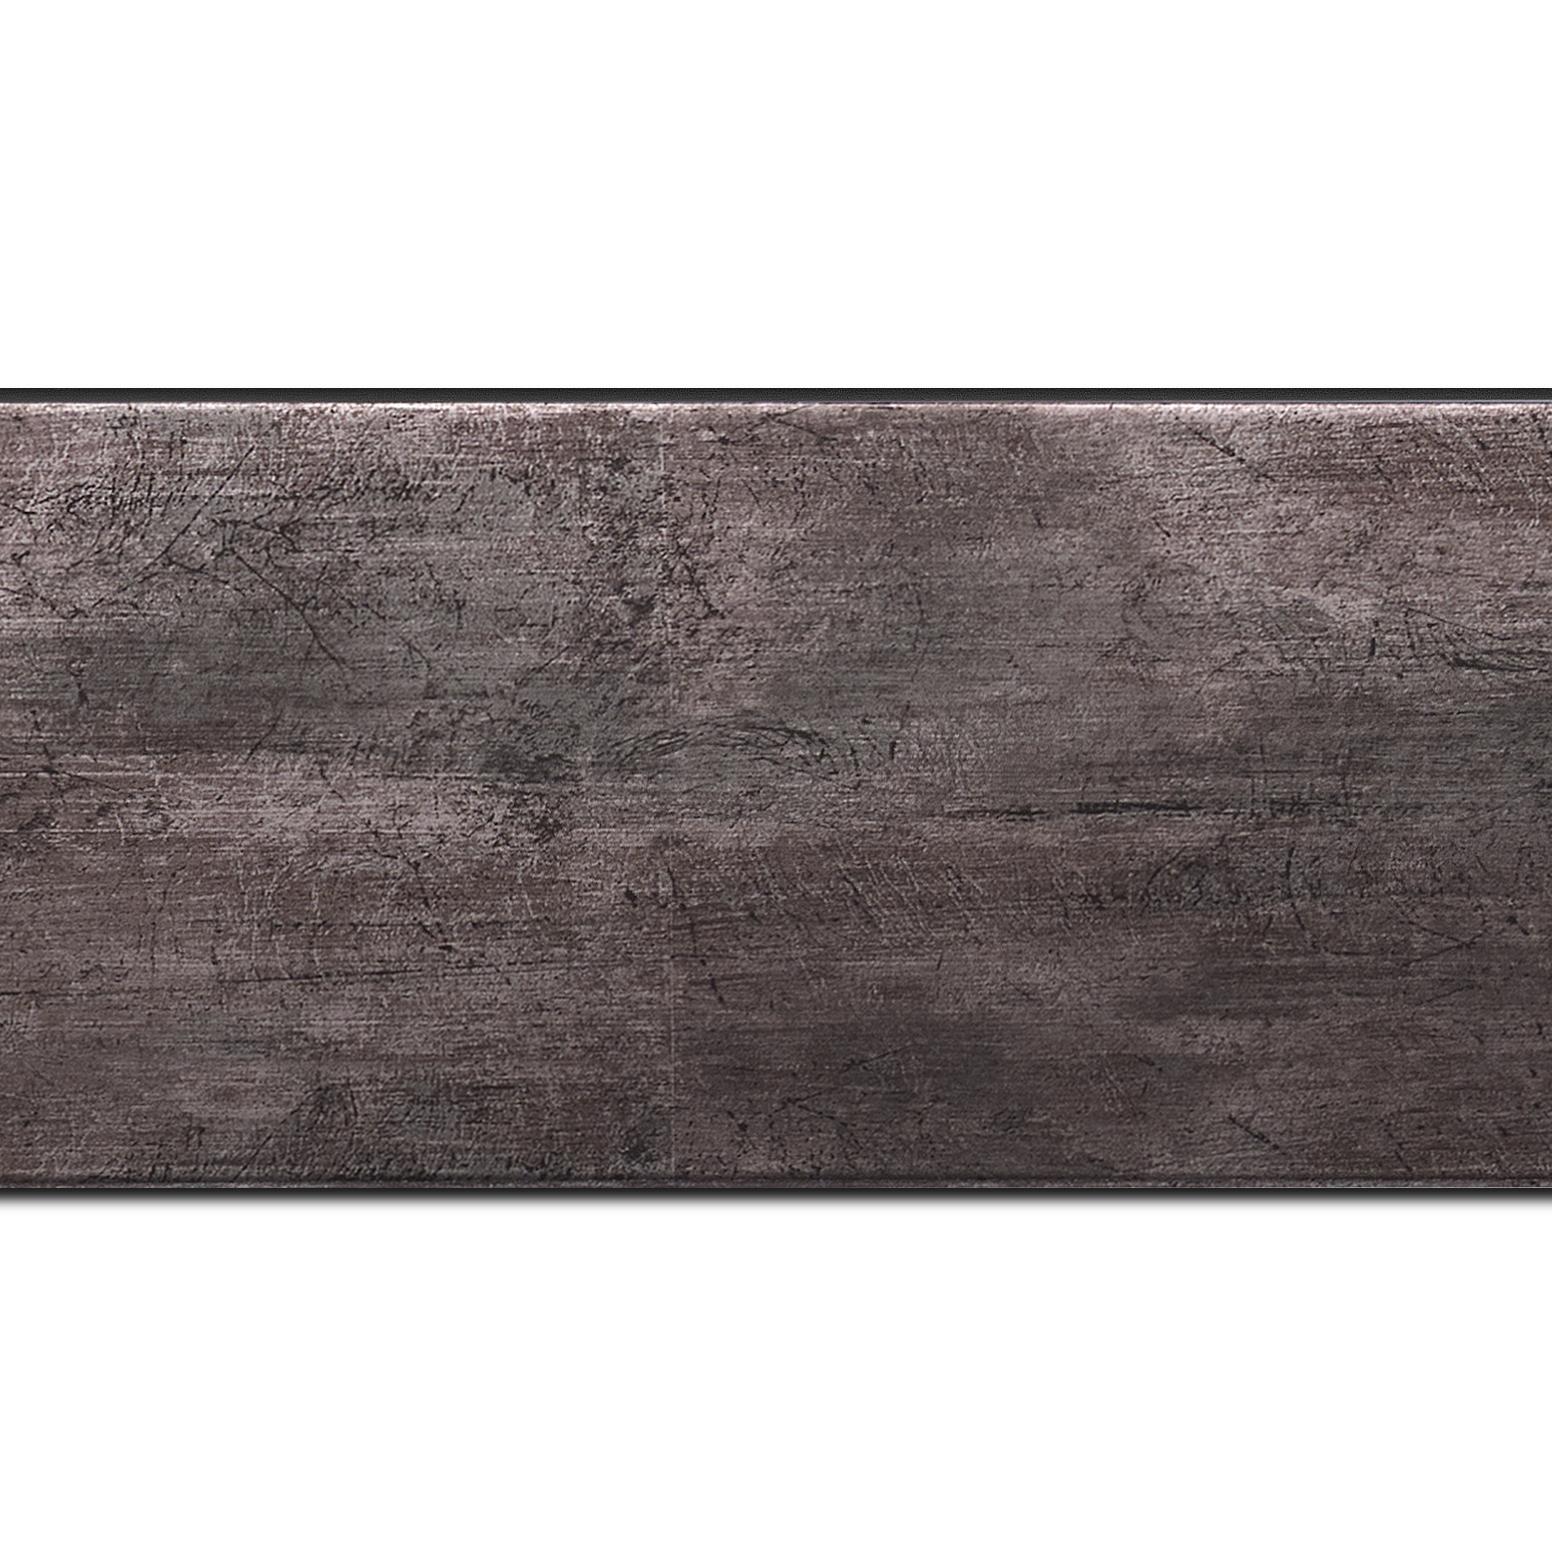 Pack par 12m, bois profil plat largeur 8.1cm argent étain contemporain (longueur baguette pouvant varier entre 2.40m et 3m selon arrivage des bois)